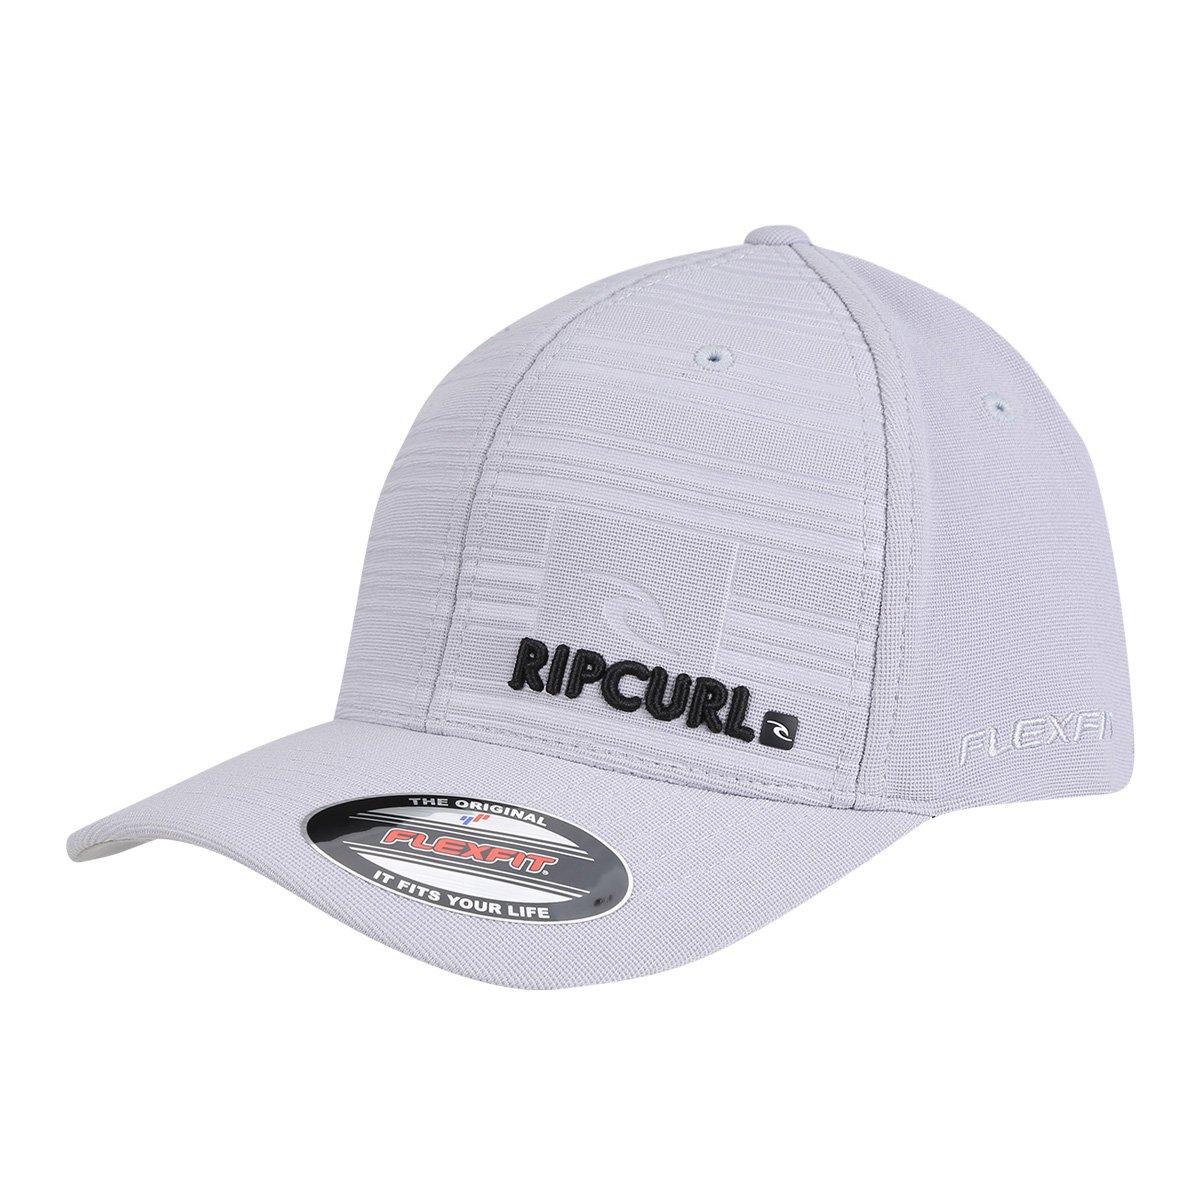 Boné Rip Curl Aba Curva Finkla Curve Peak Masculino - Compre Agora ... b7018324232